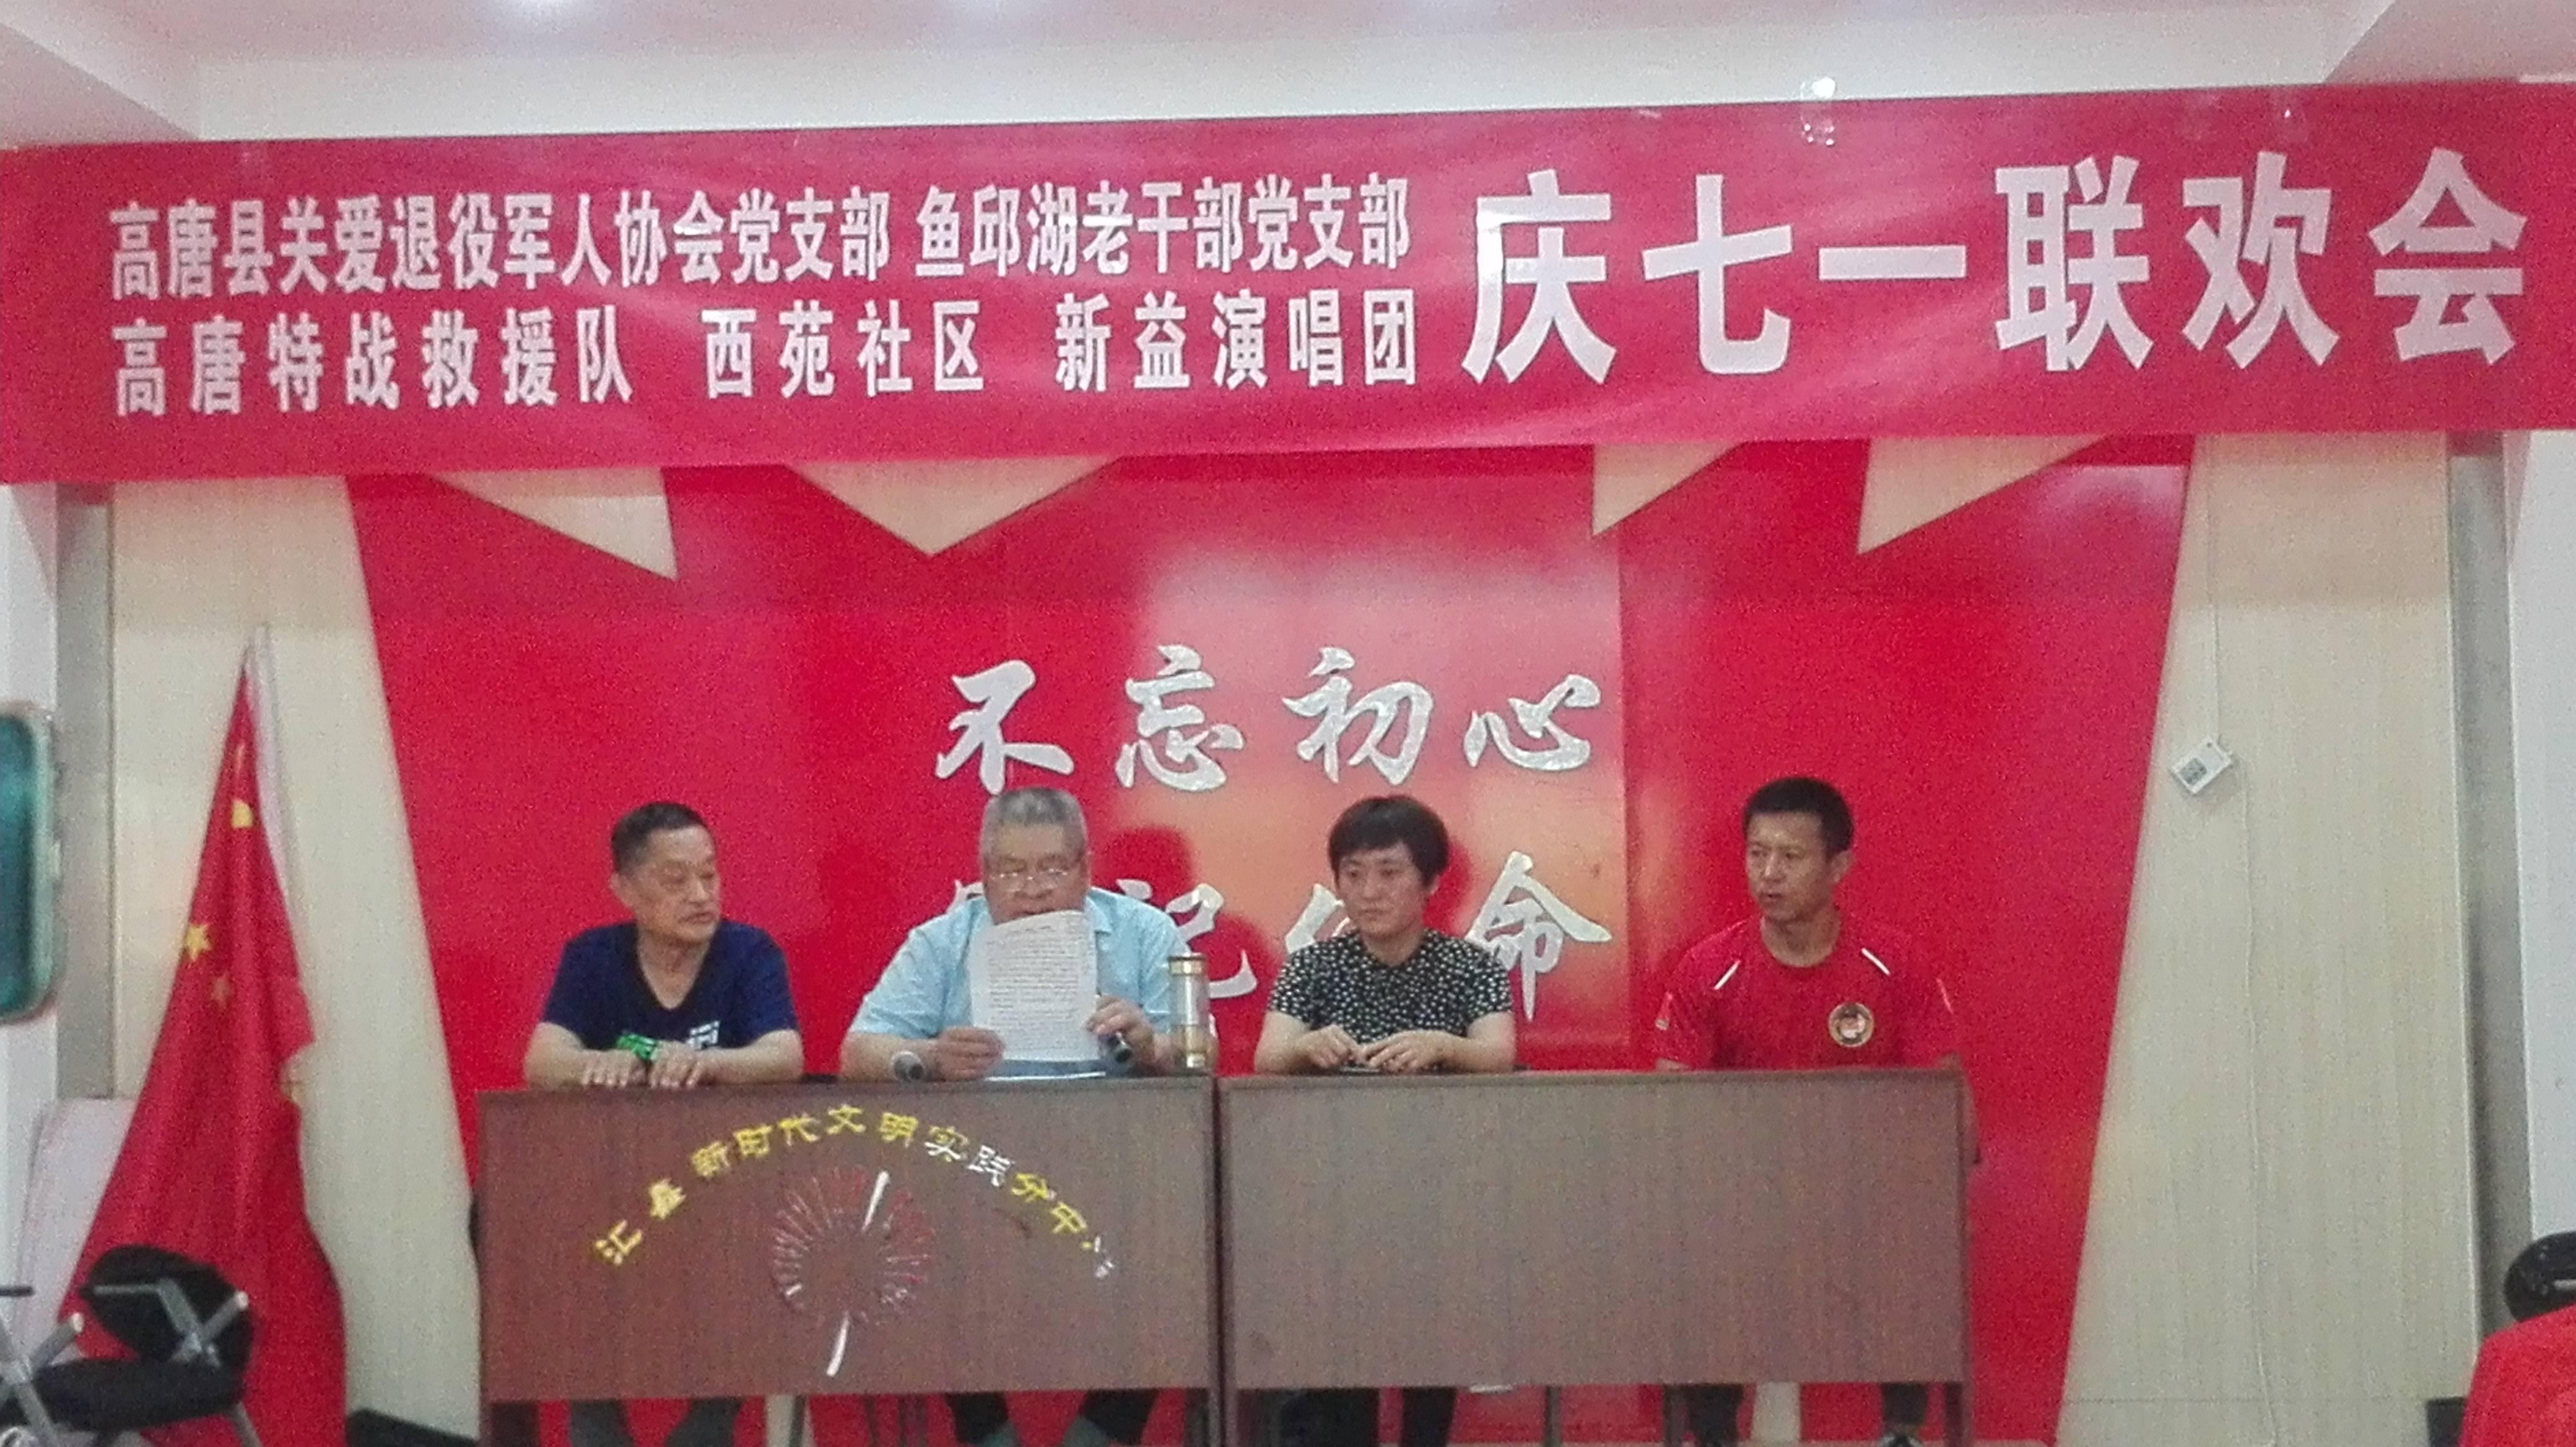 山东高唐:庆祝建党99周年活动丰富多彩